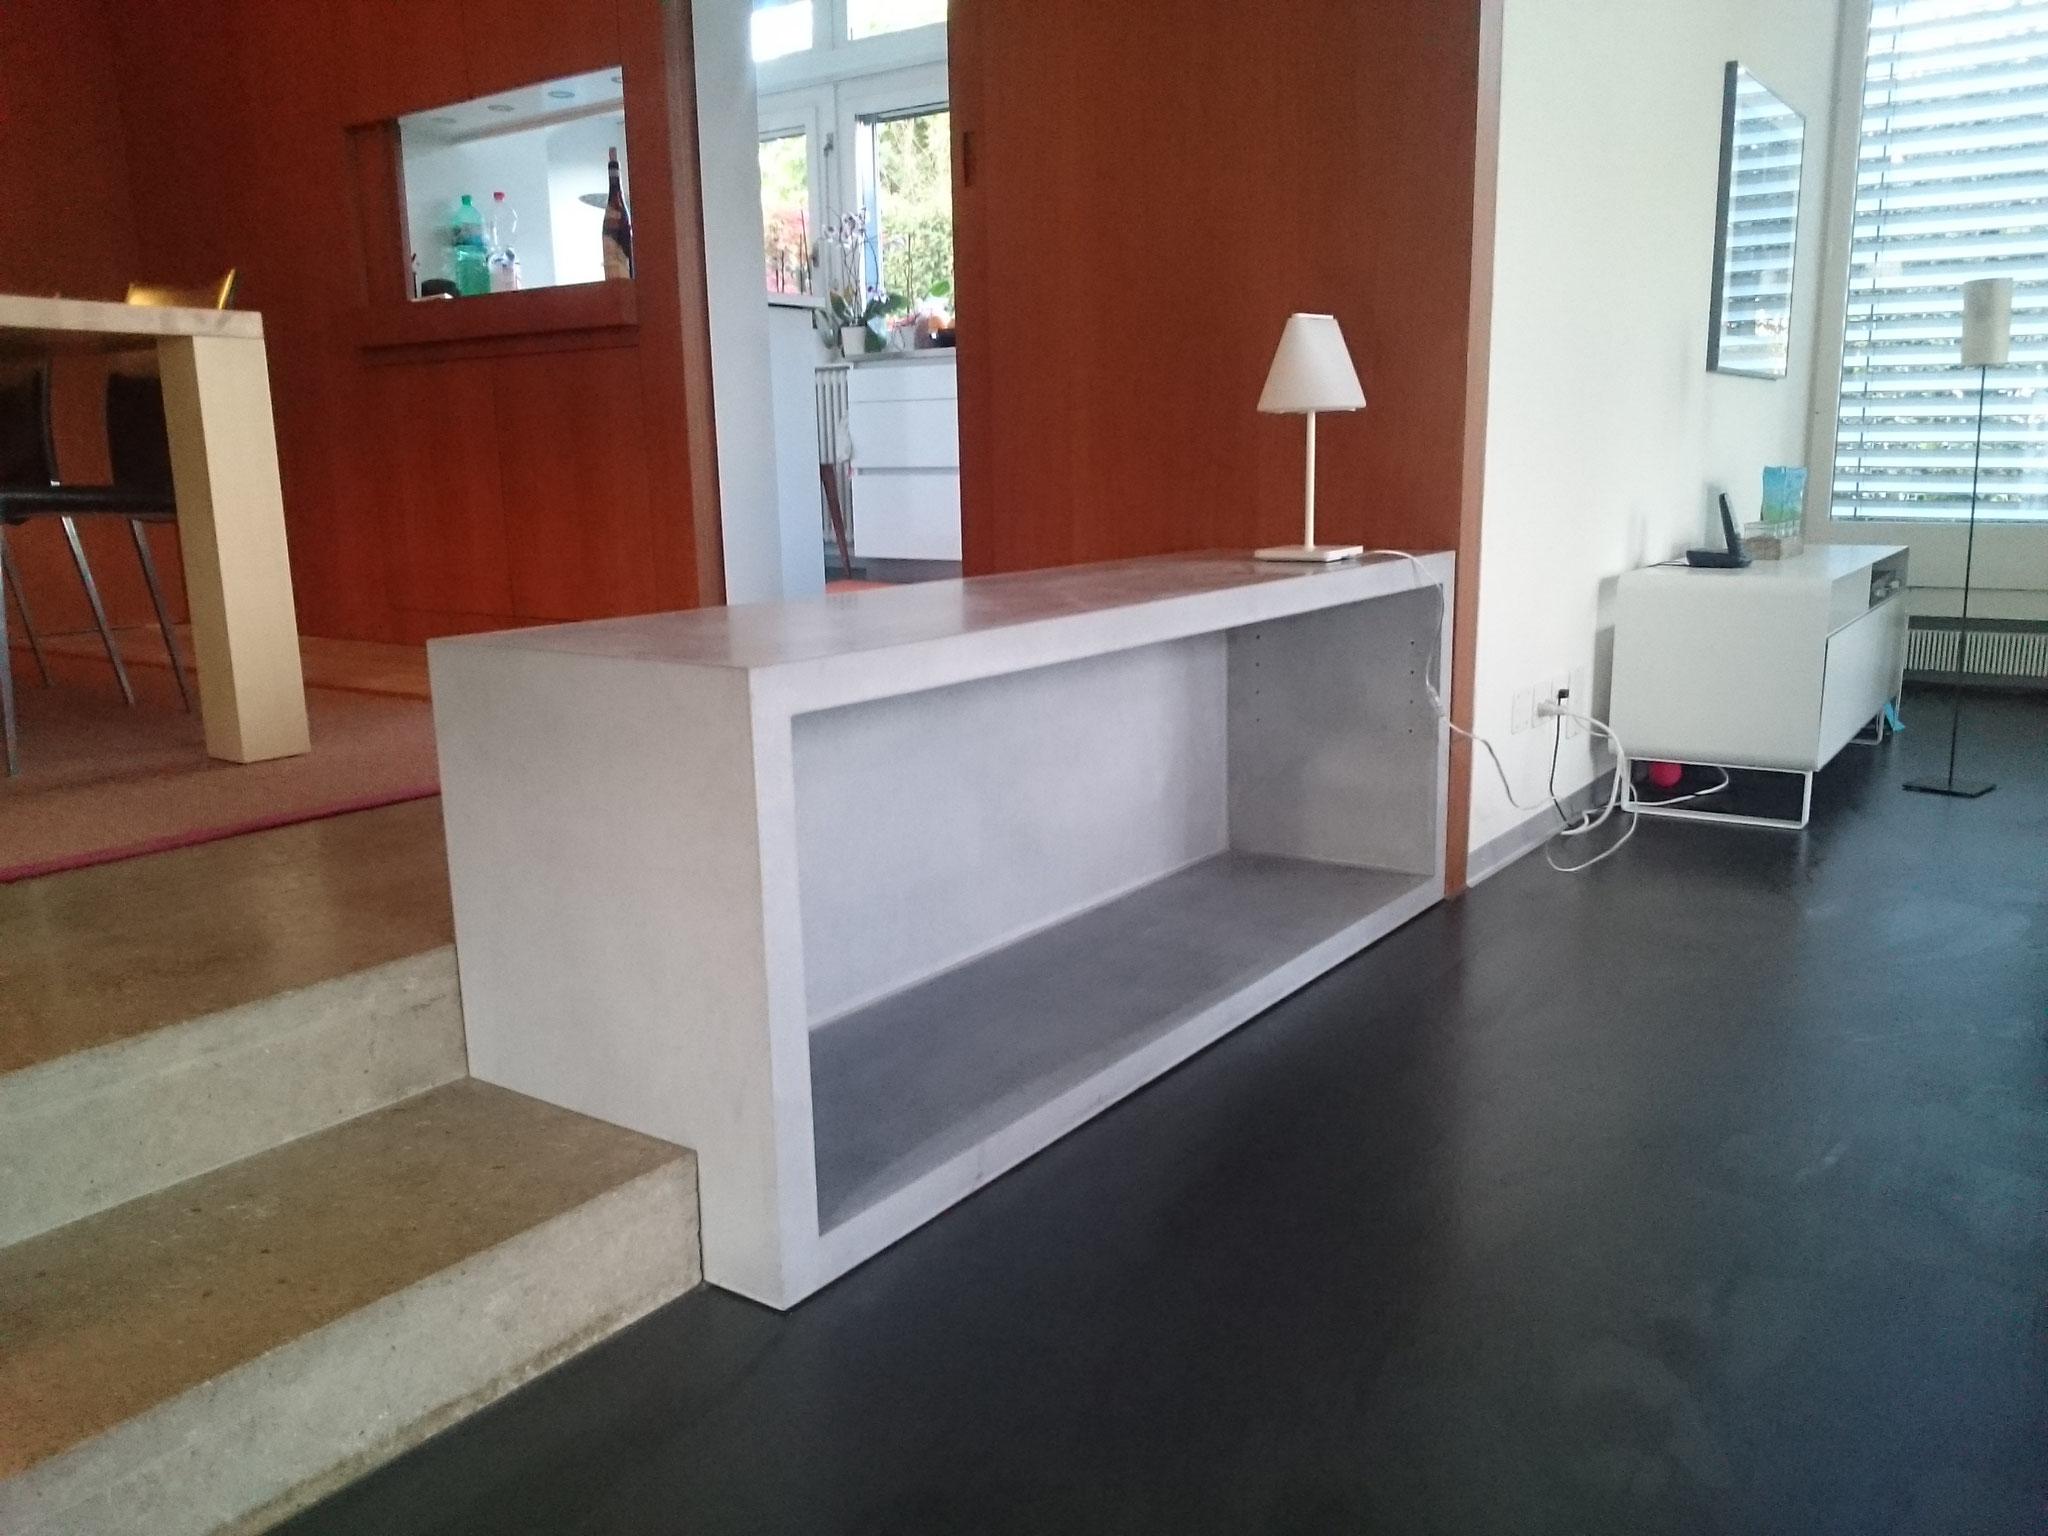 Beton Sitztrog-Regal